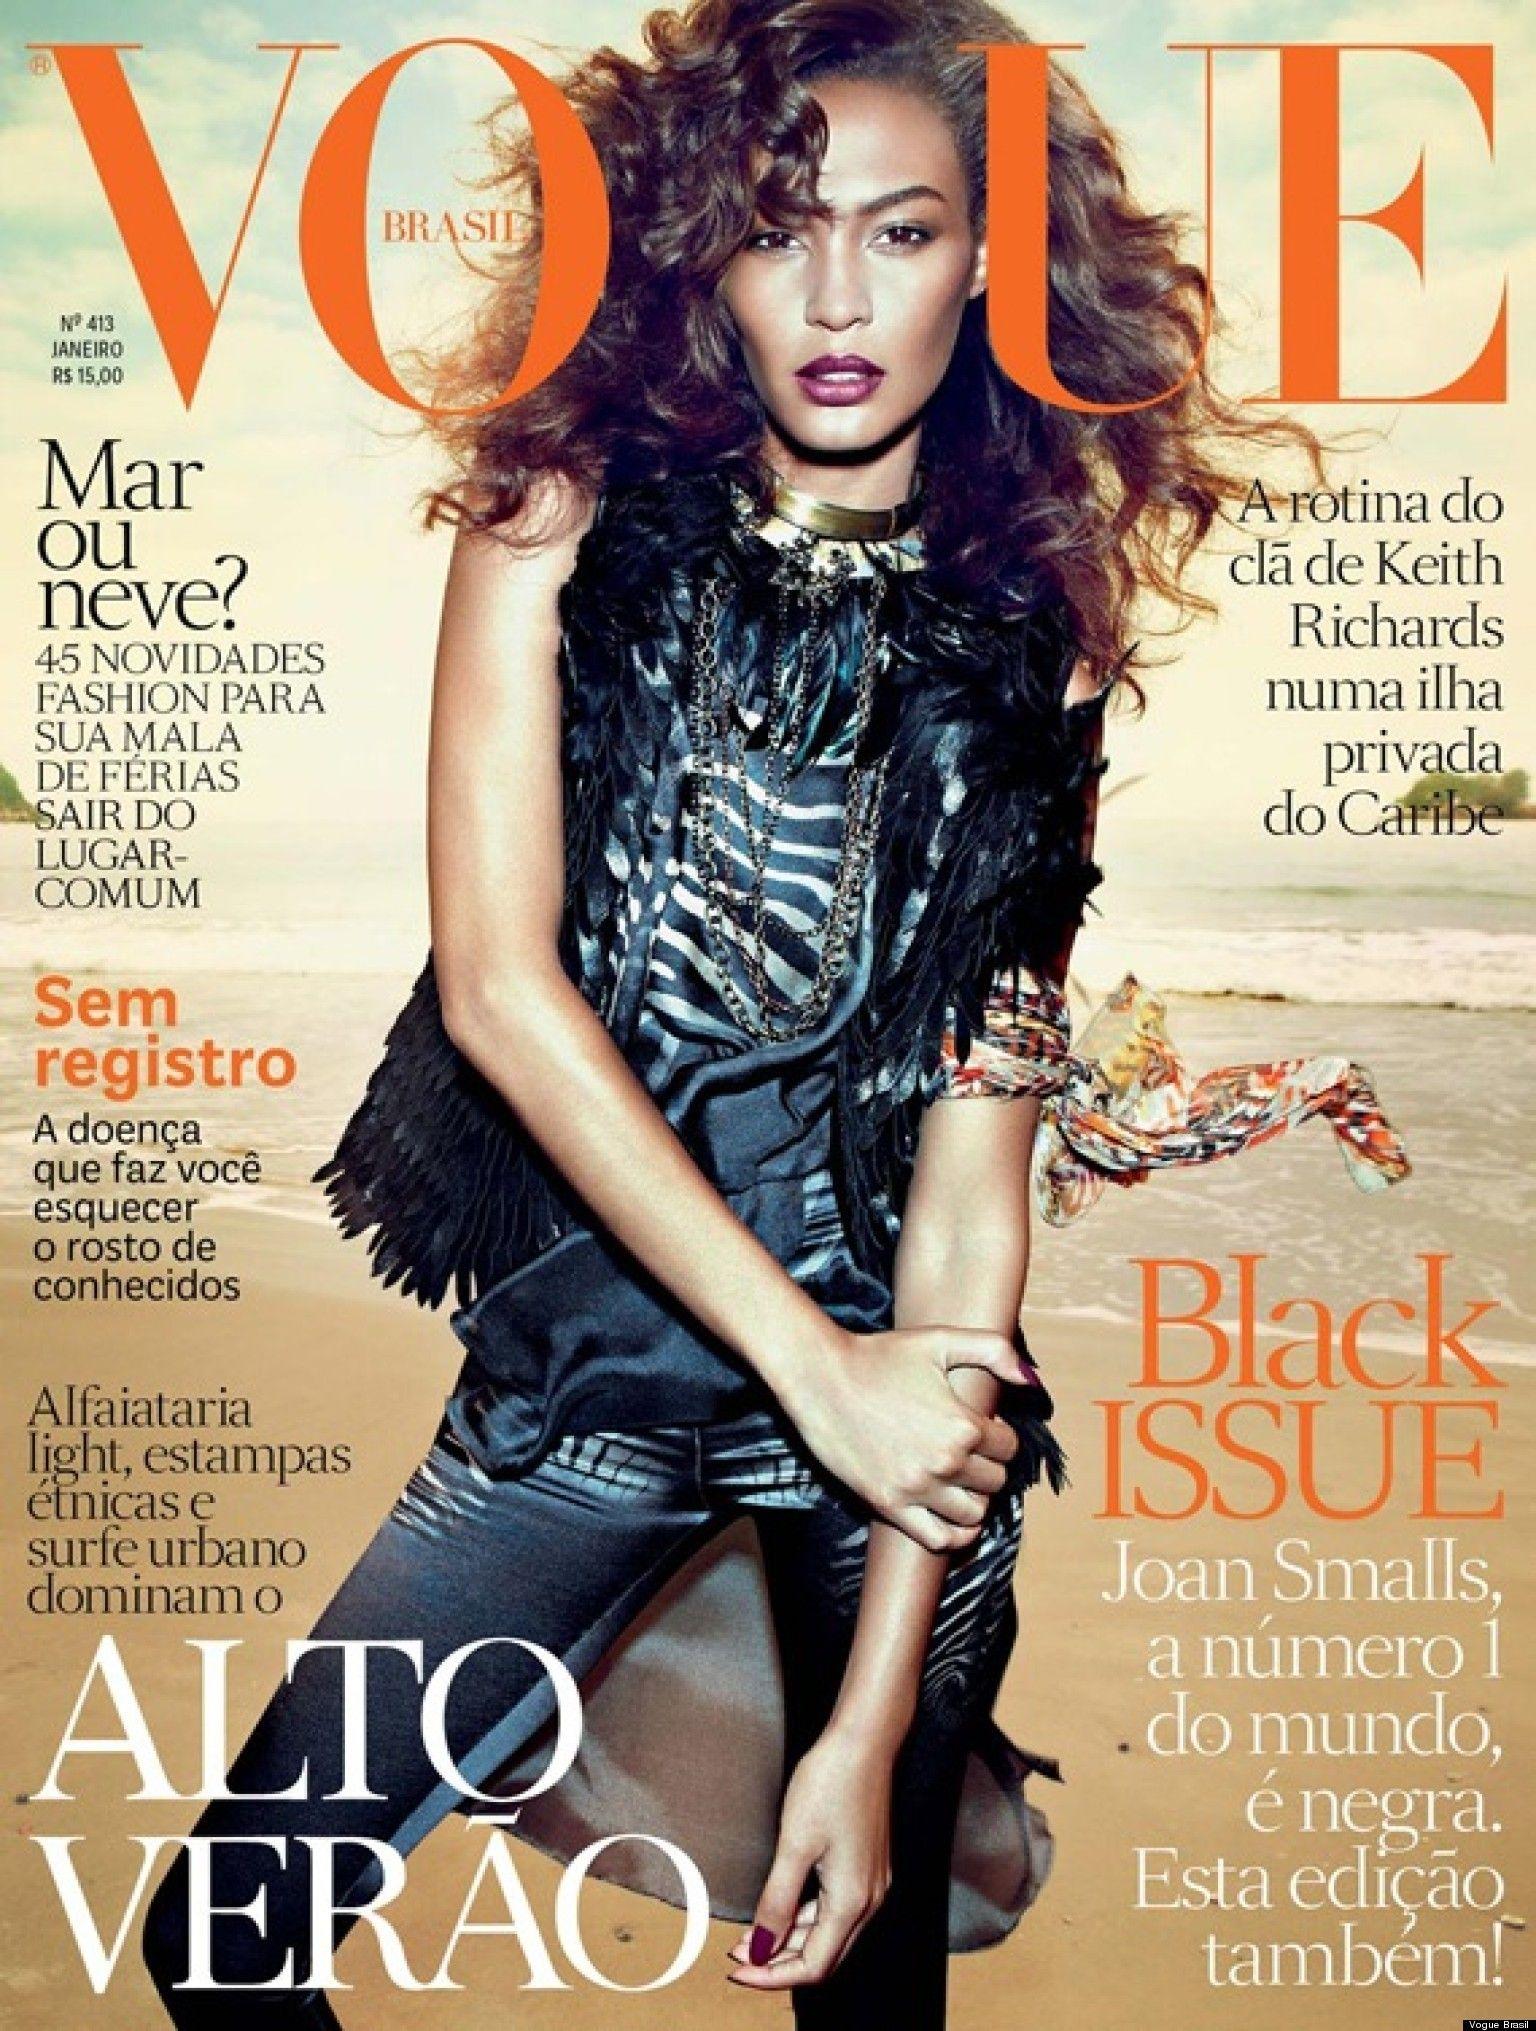 JOAN SMALLS ON VOGUE COVER   ♥ VOGUE ♥   Pinterest   Vogue, Vogue ... 0133550654